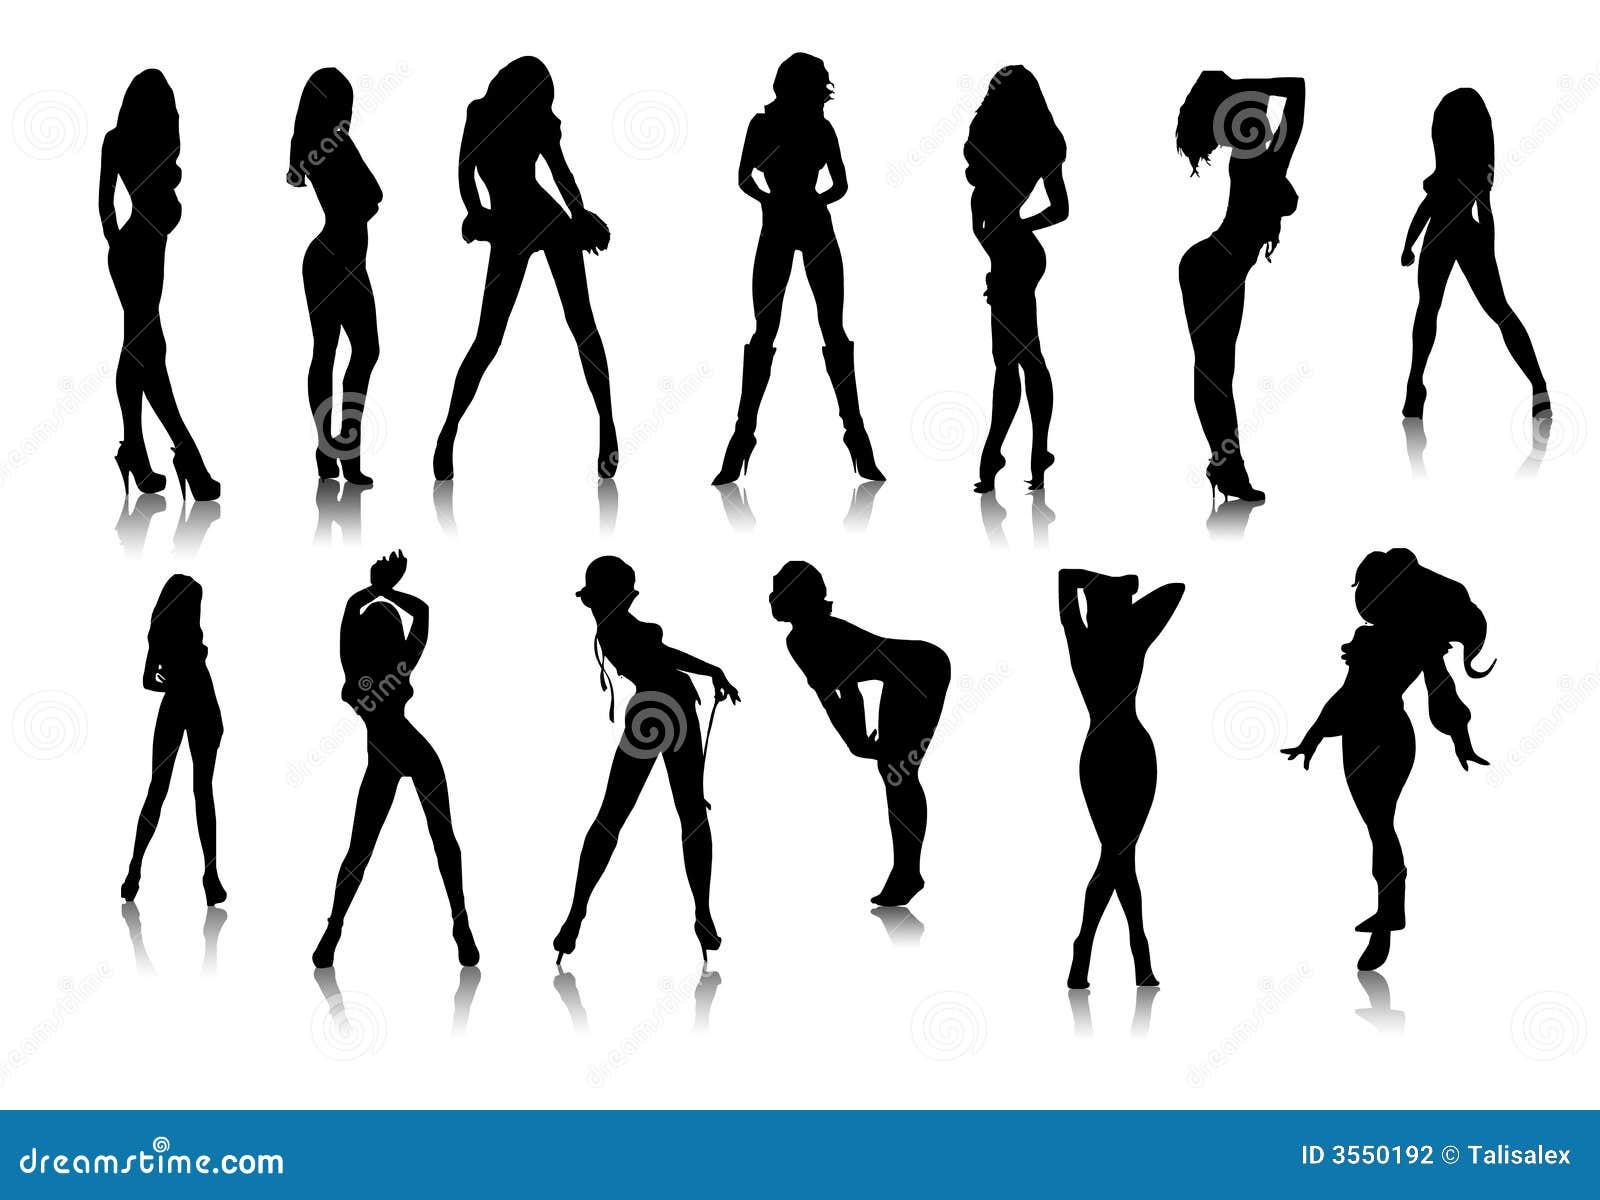 Seksowne czarne dziewczyny zdjęcia